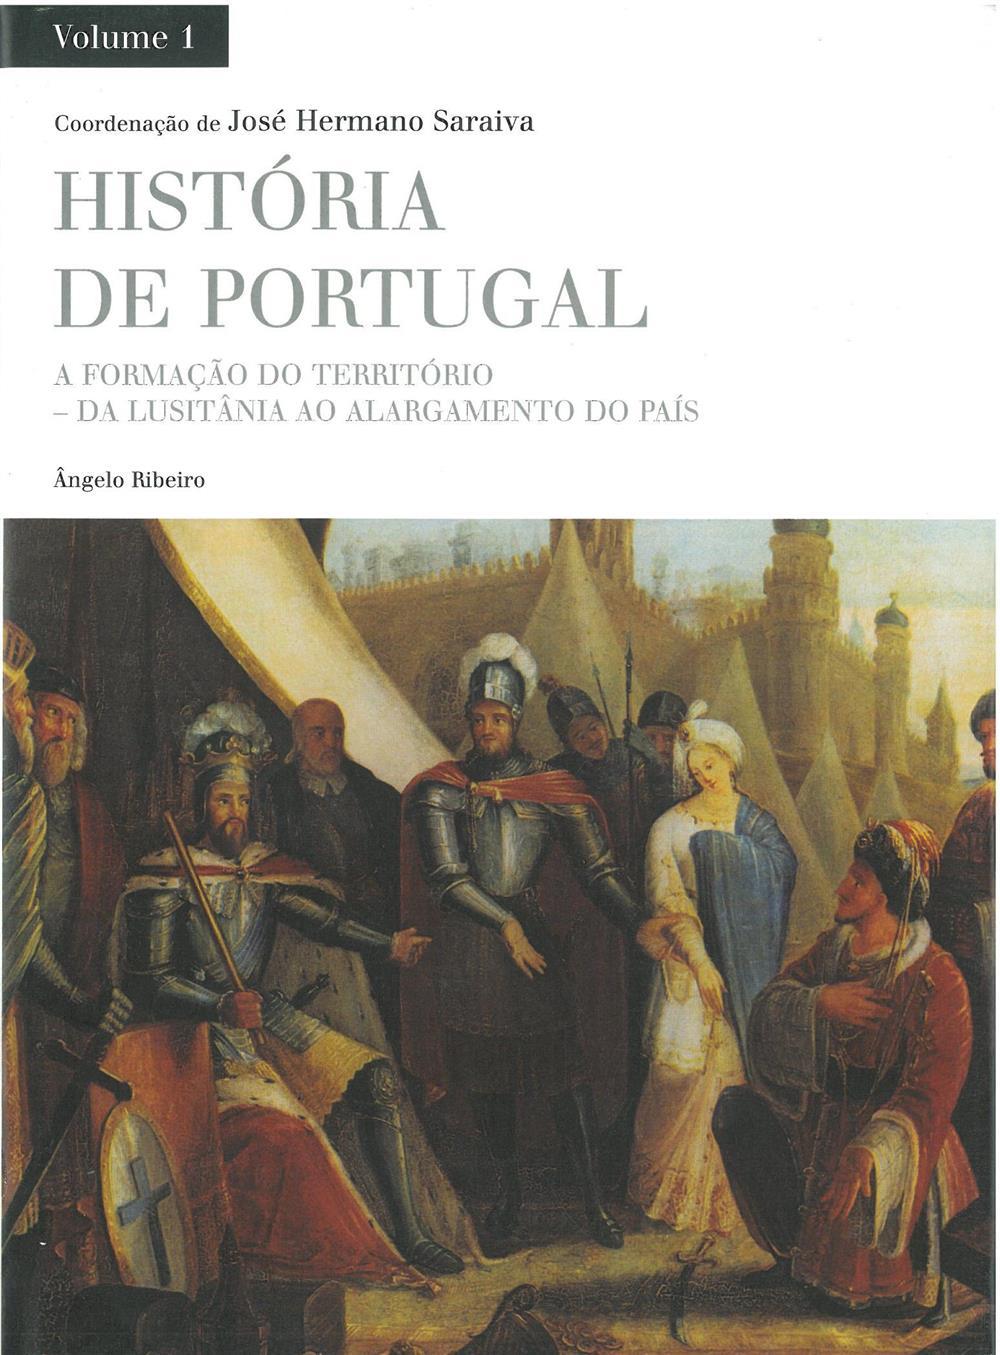 História de Portugal_.jpg